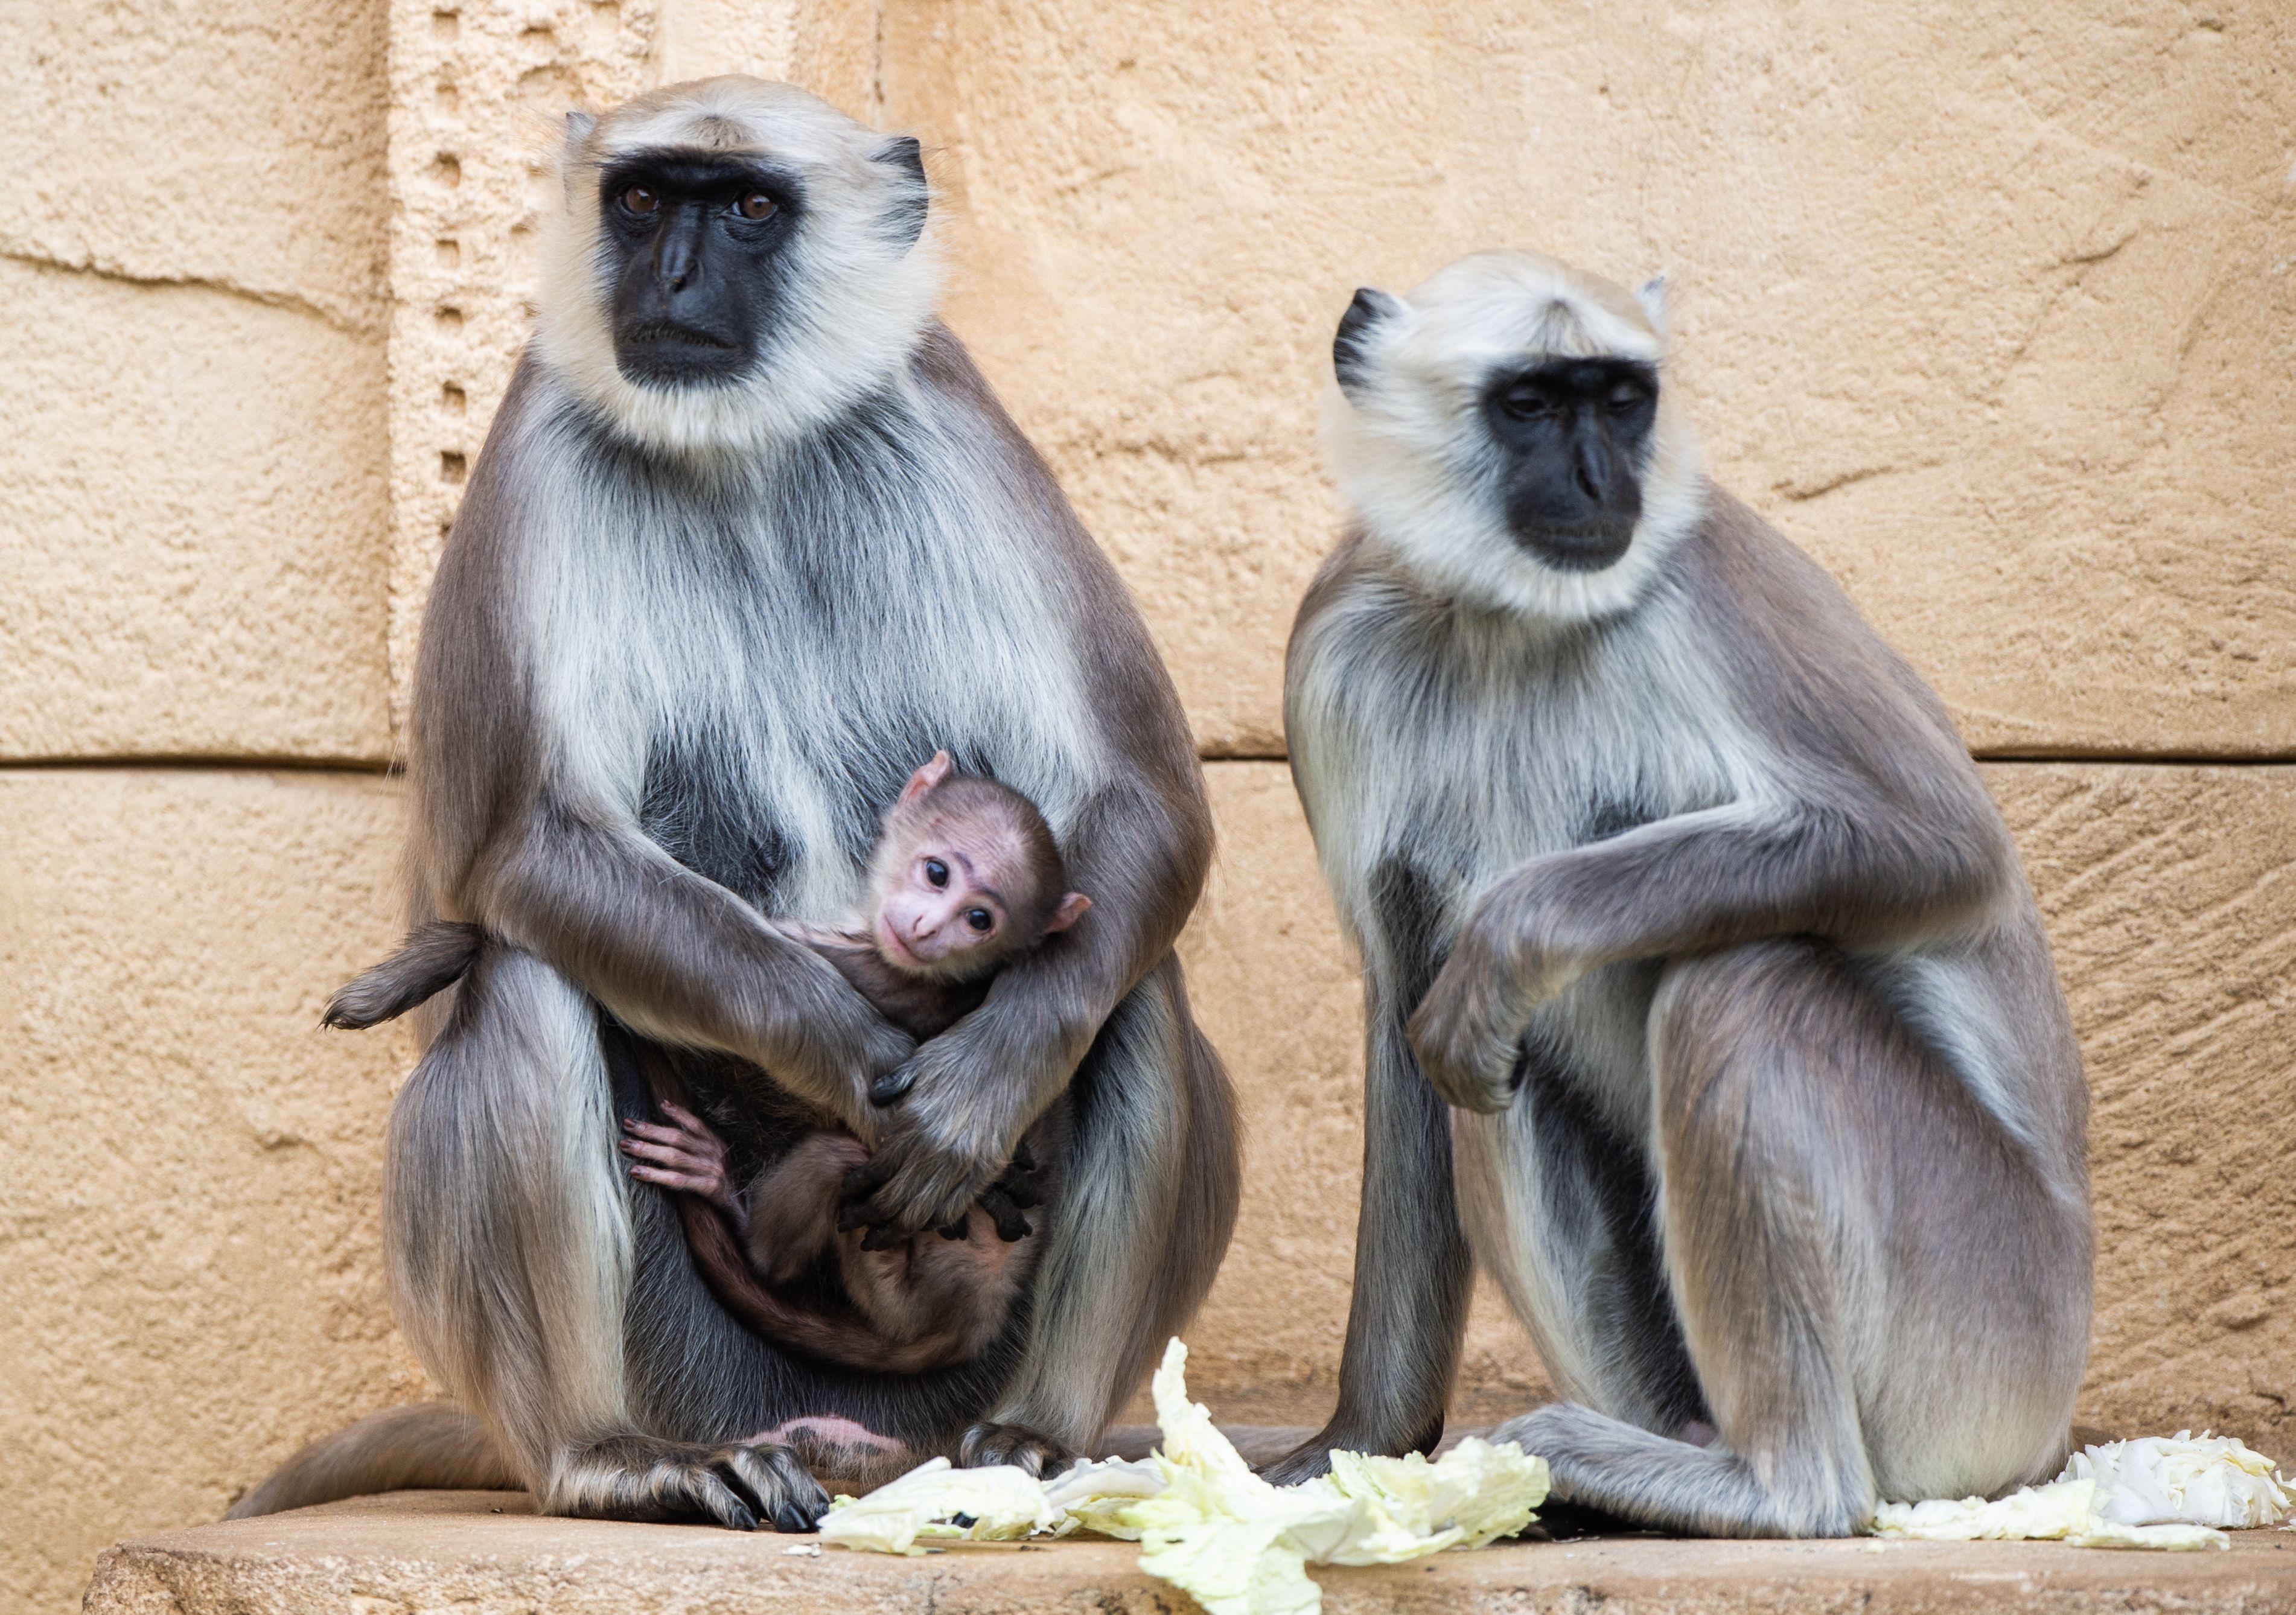 majom felállítása teljes hosszúságú pénisz